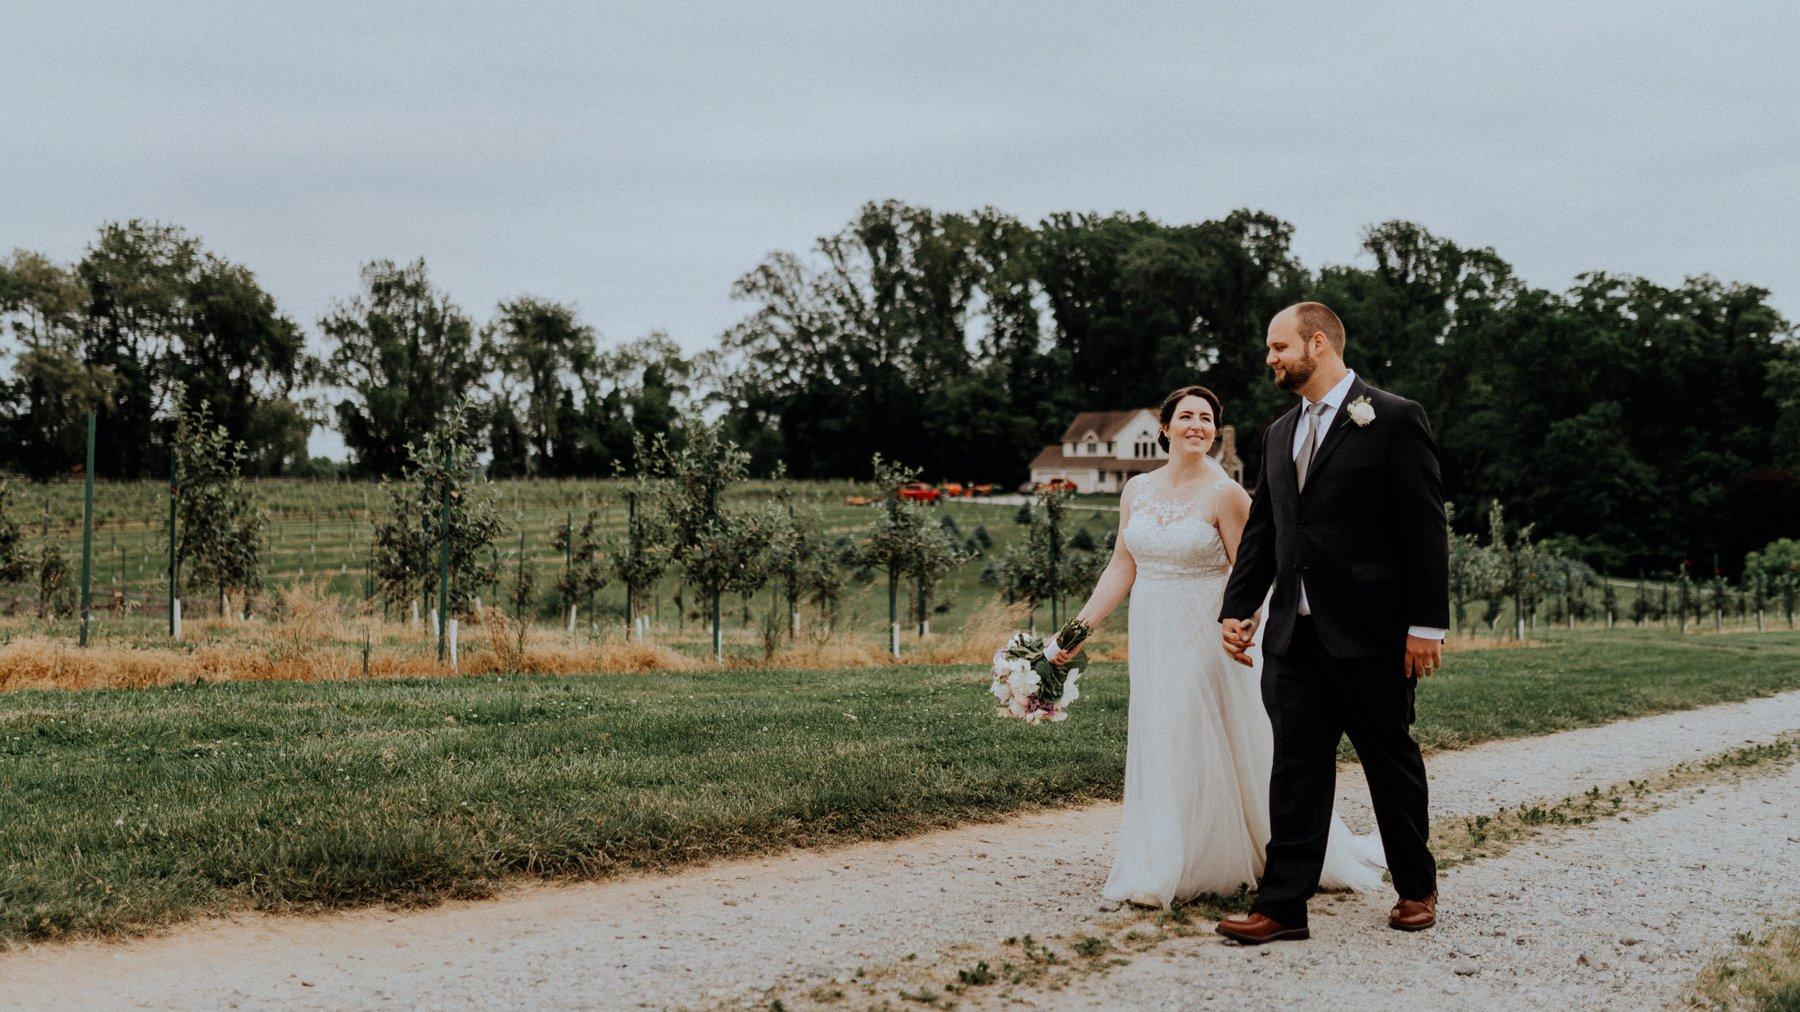 109-092-old-stone-farm-wedding-4.jpg